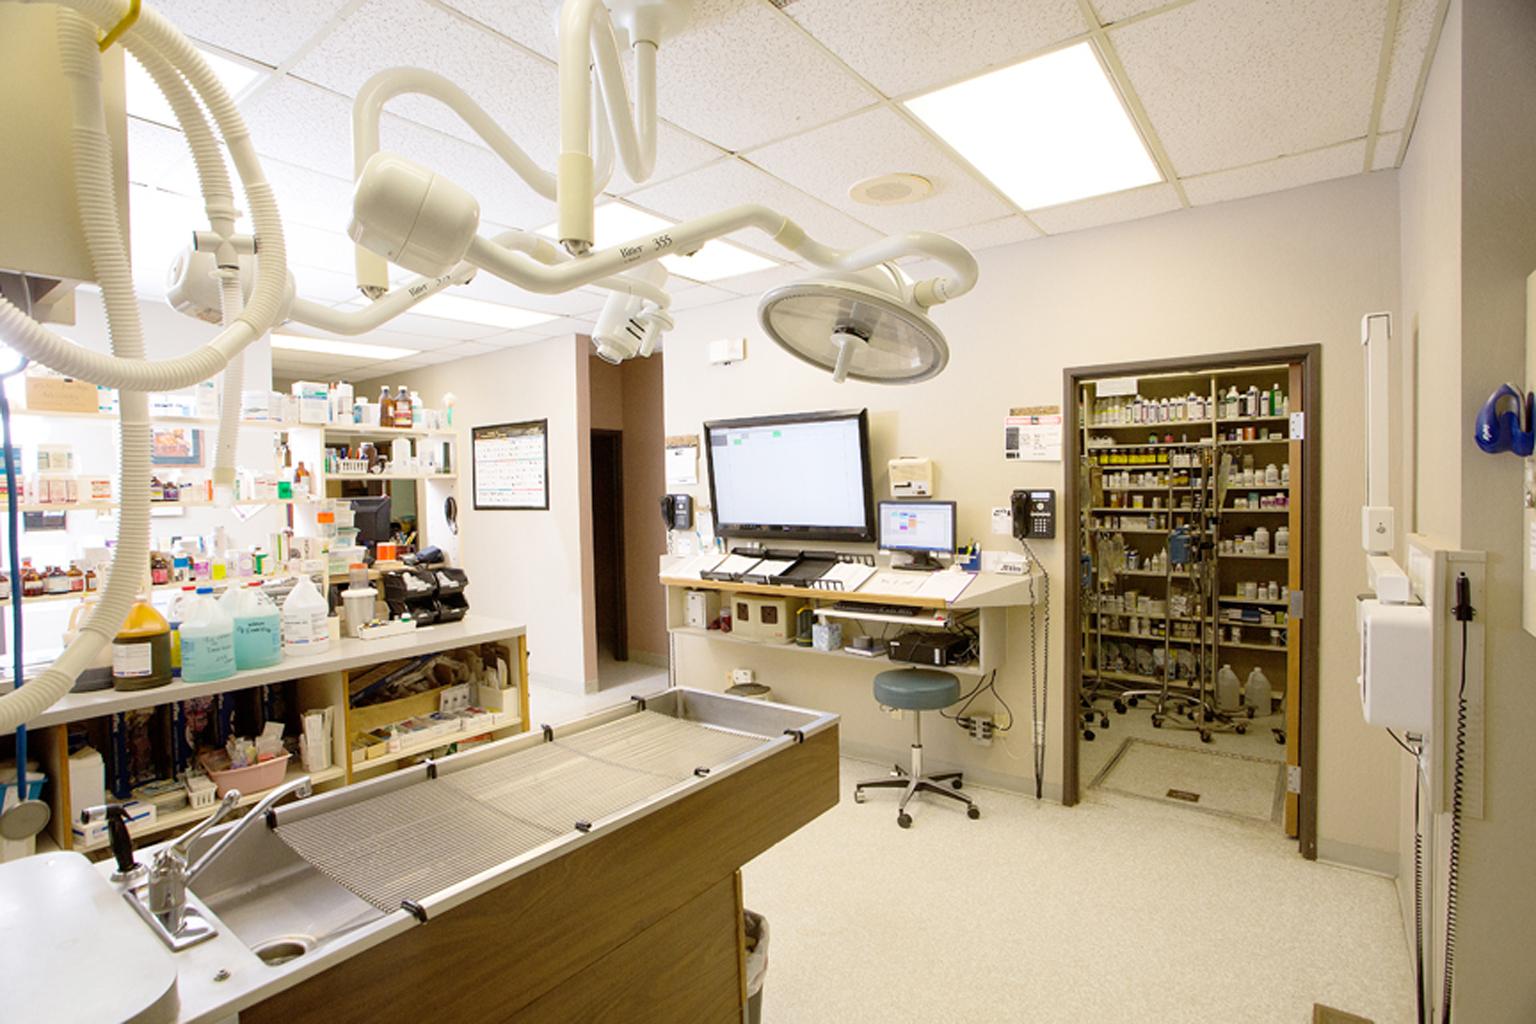 VCA Big Lake Animal Hospital image 5